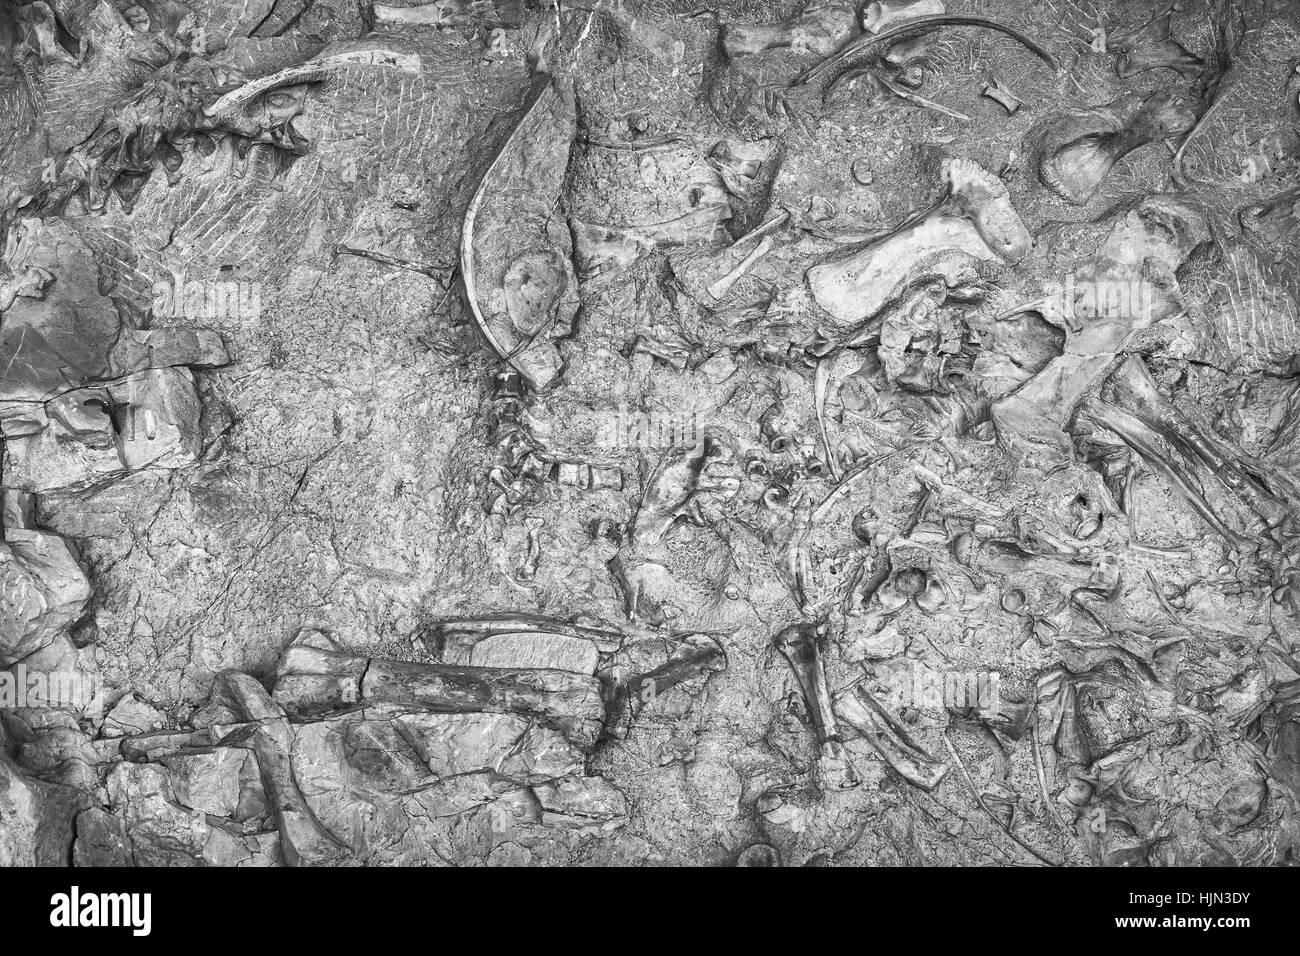 Black and white toned dinosaur skeletons in Dinosaur National Monument, Utah, USA. - Stock Image